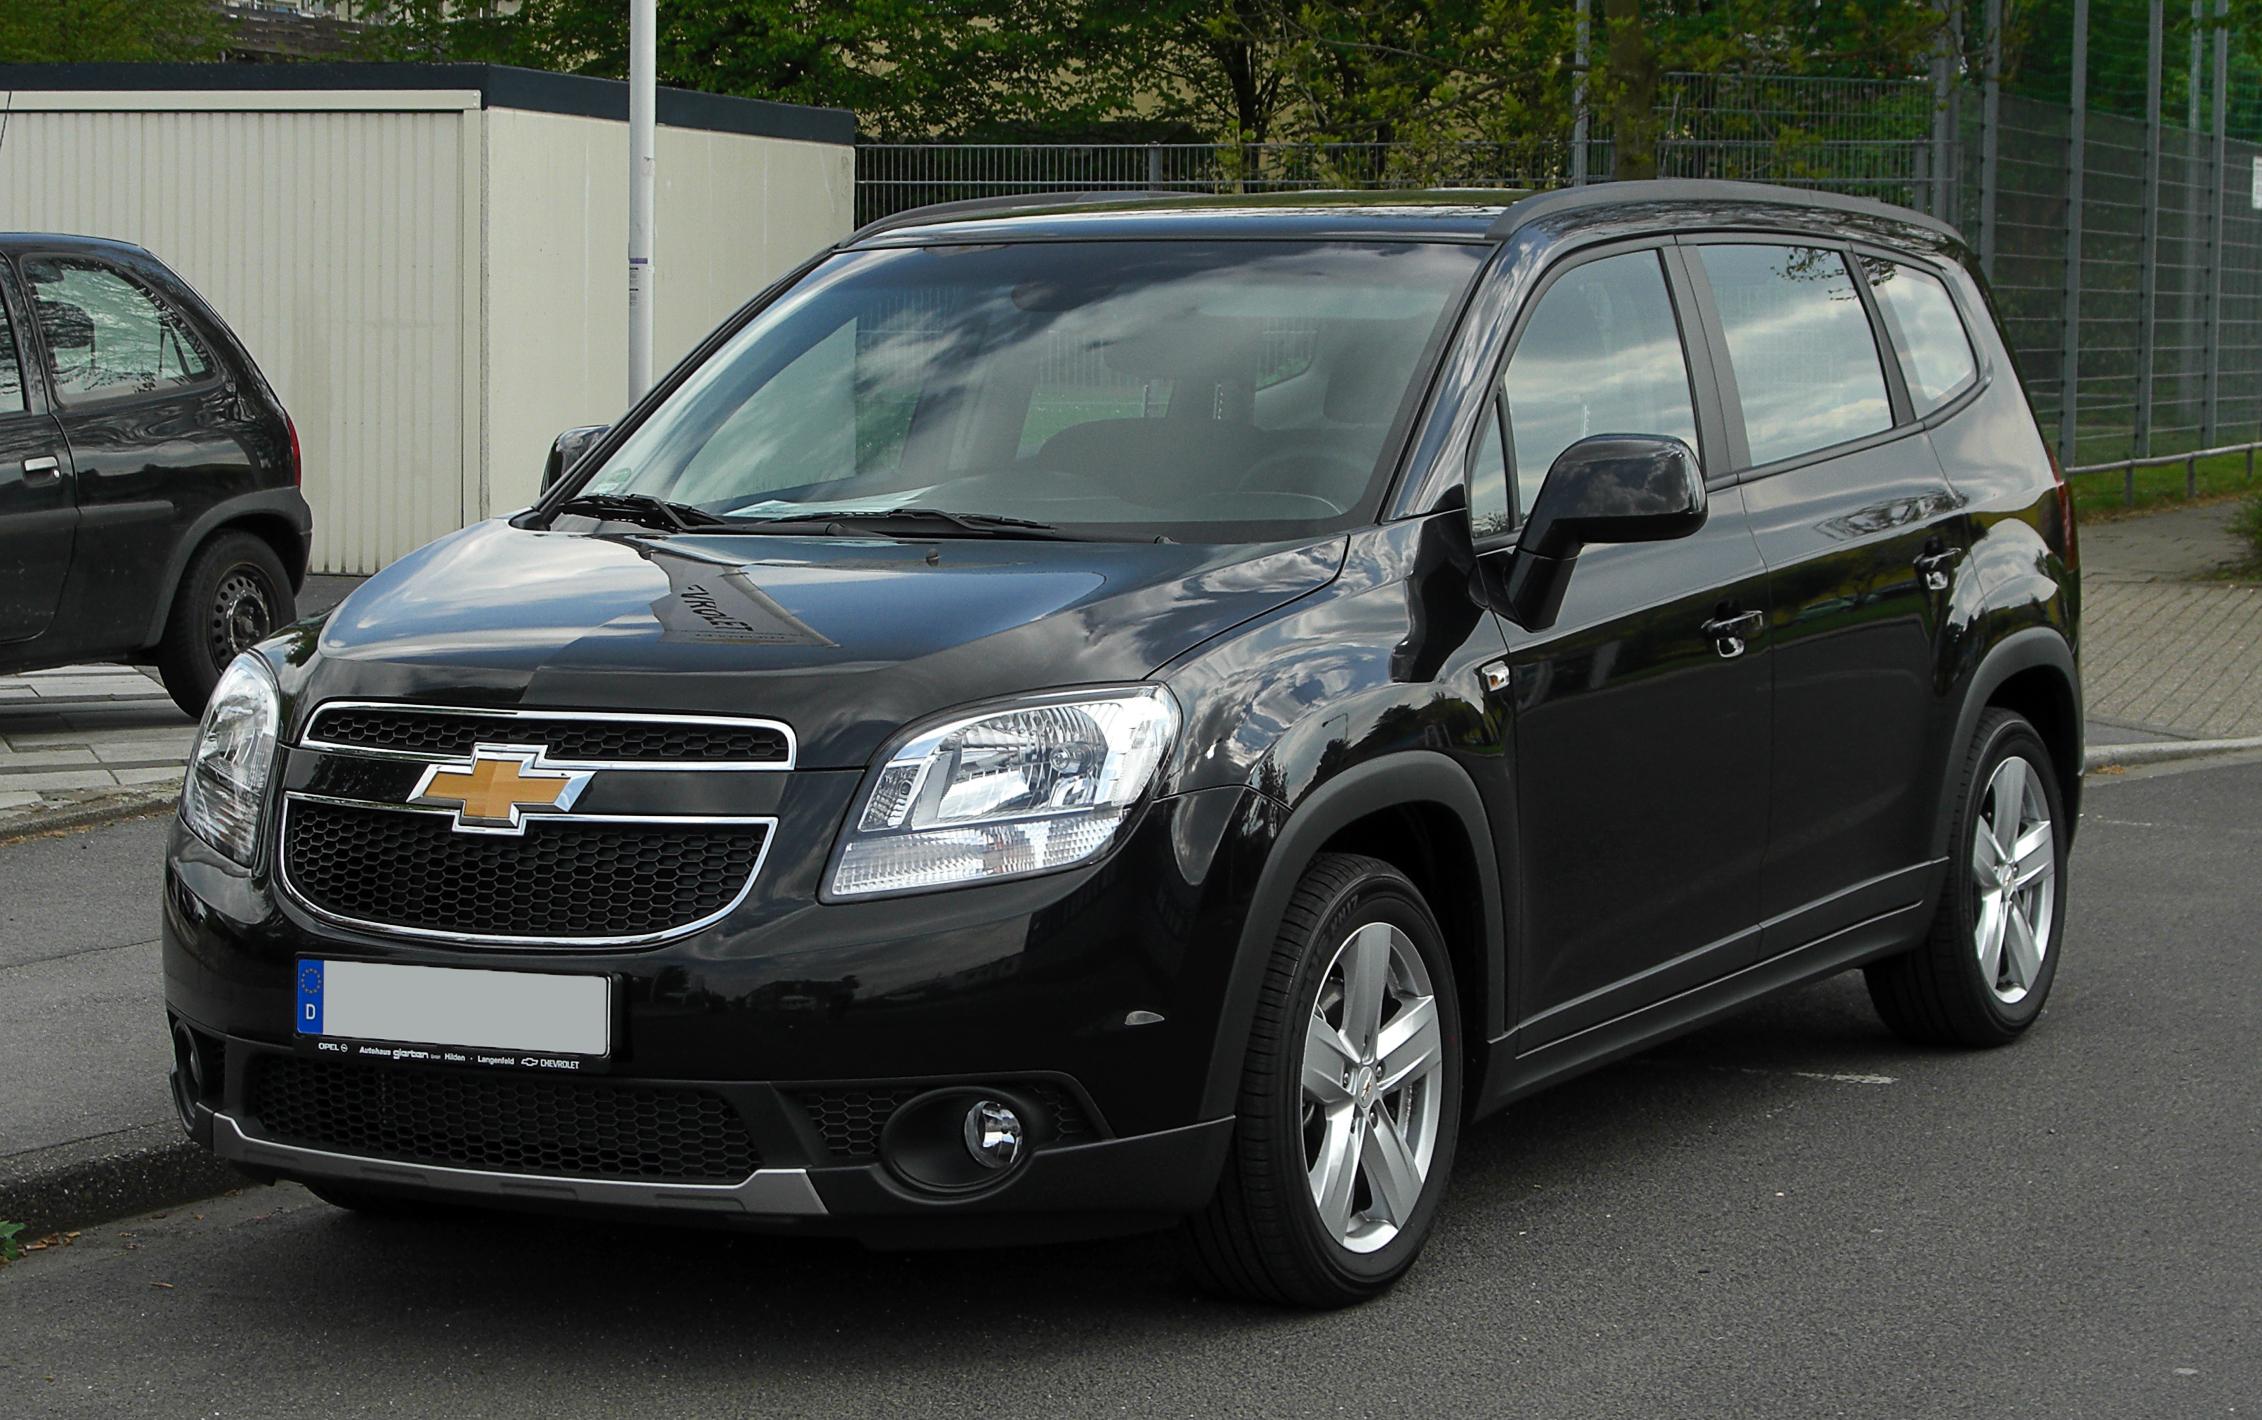 Kelebihan Chevrolet Orlando 2013 Murah Berkualitas